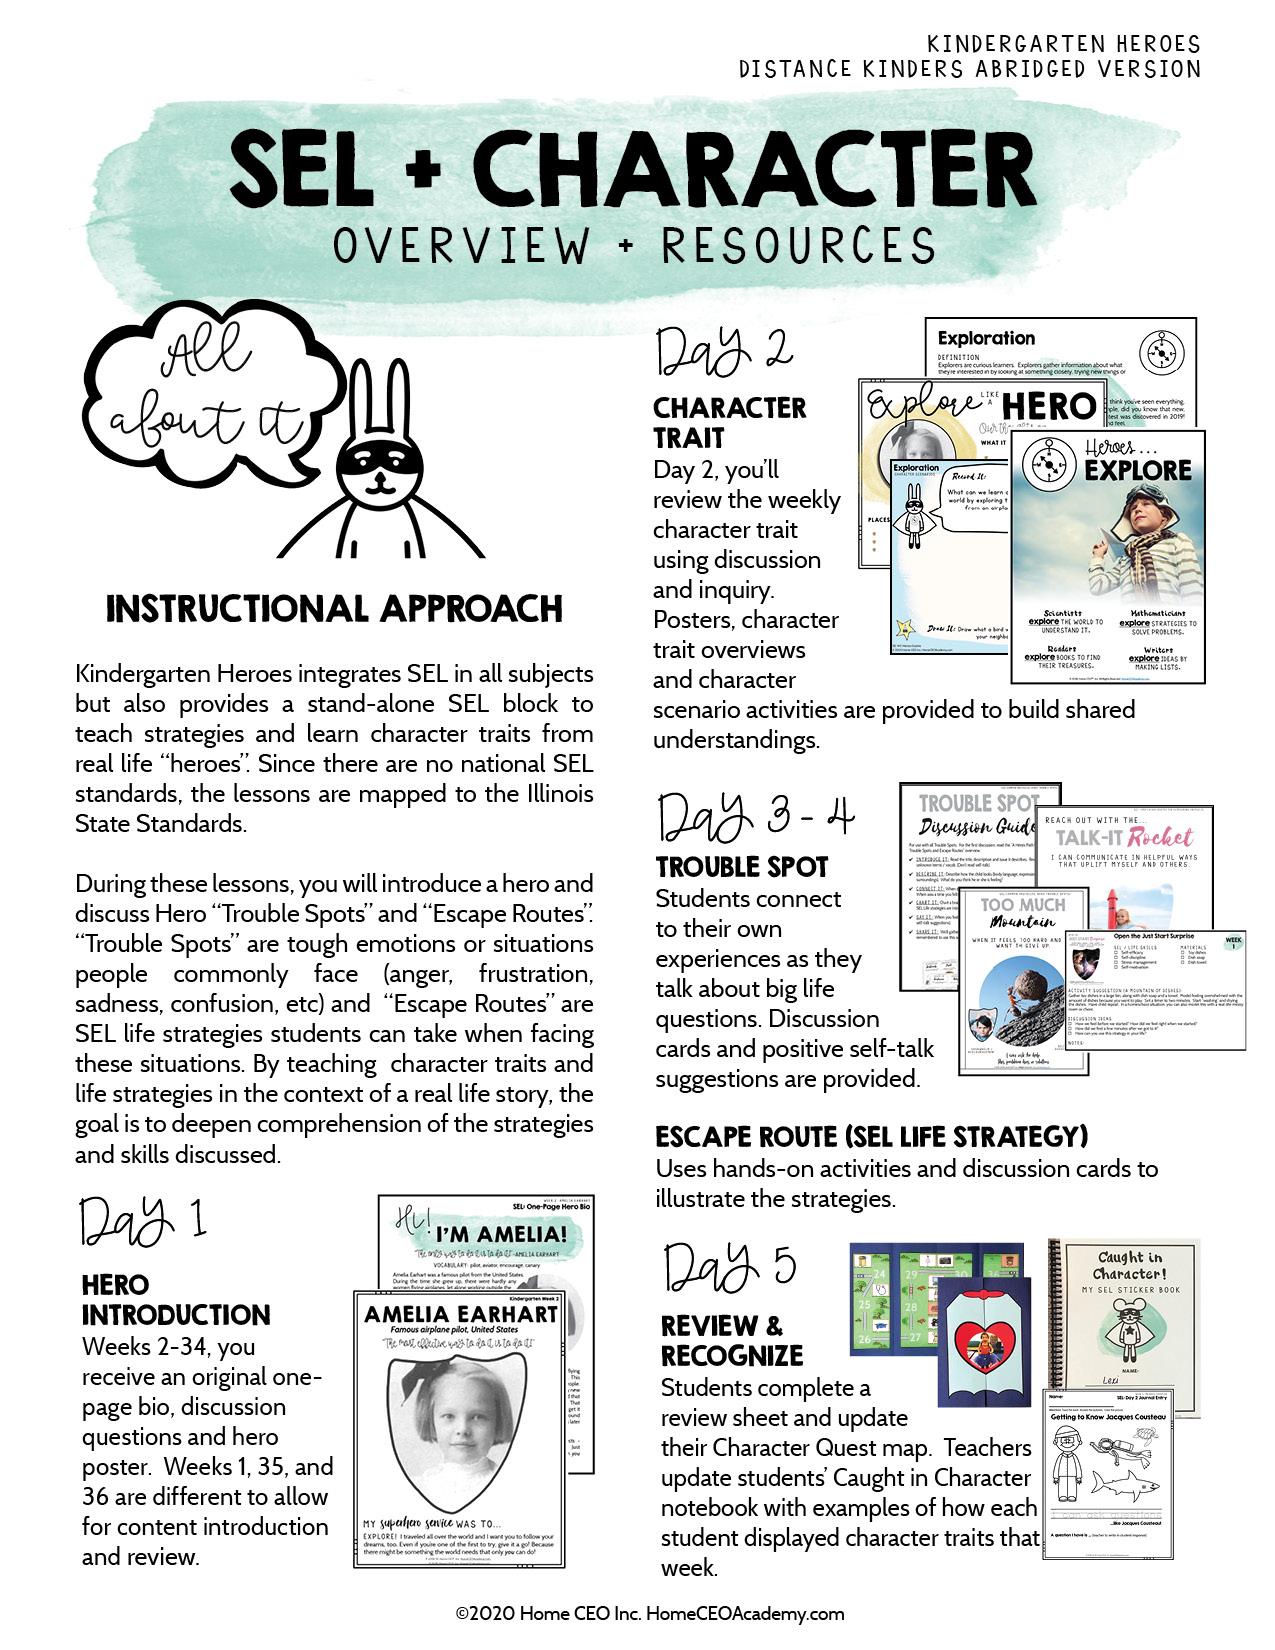 Kindergarten Heroes Curriculum SEL Overview